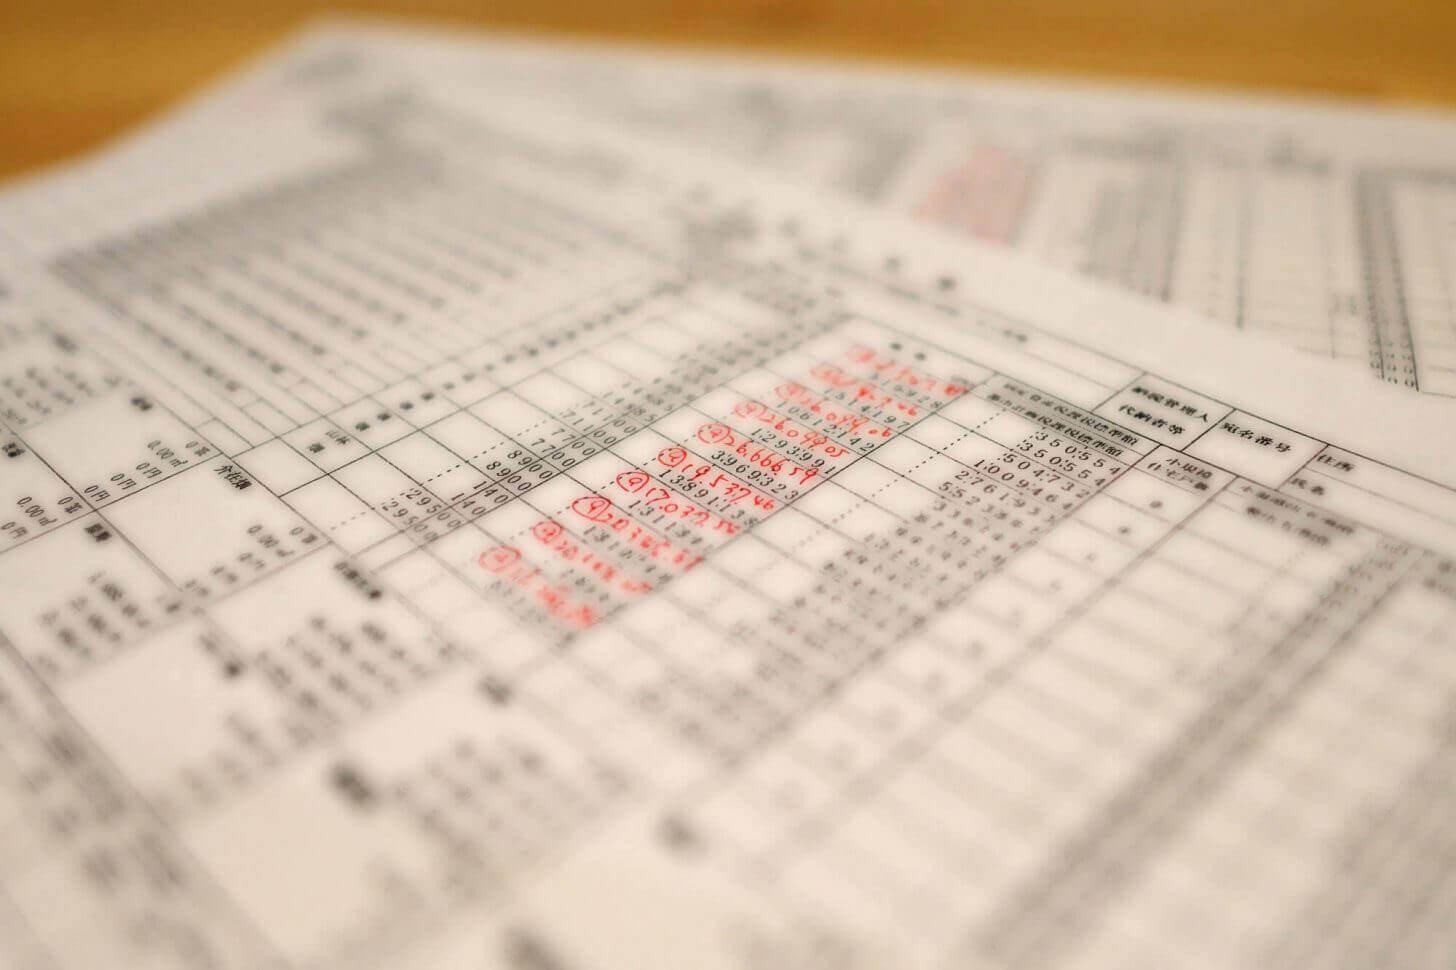 土地の相続税評価は固定資産税評価額の平米単価を出すことから始まる